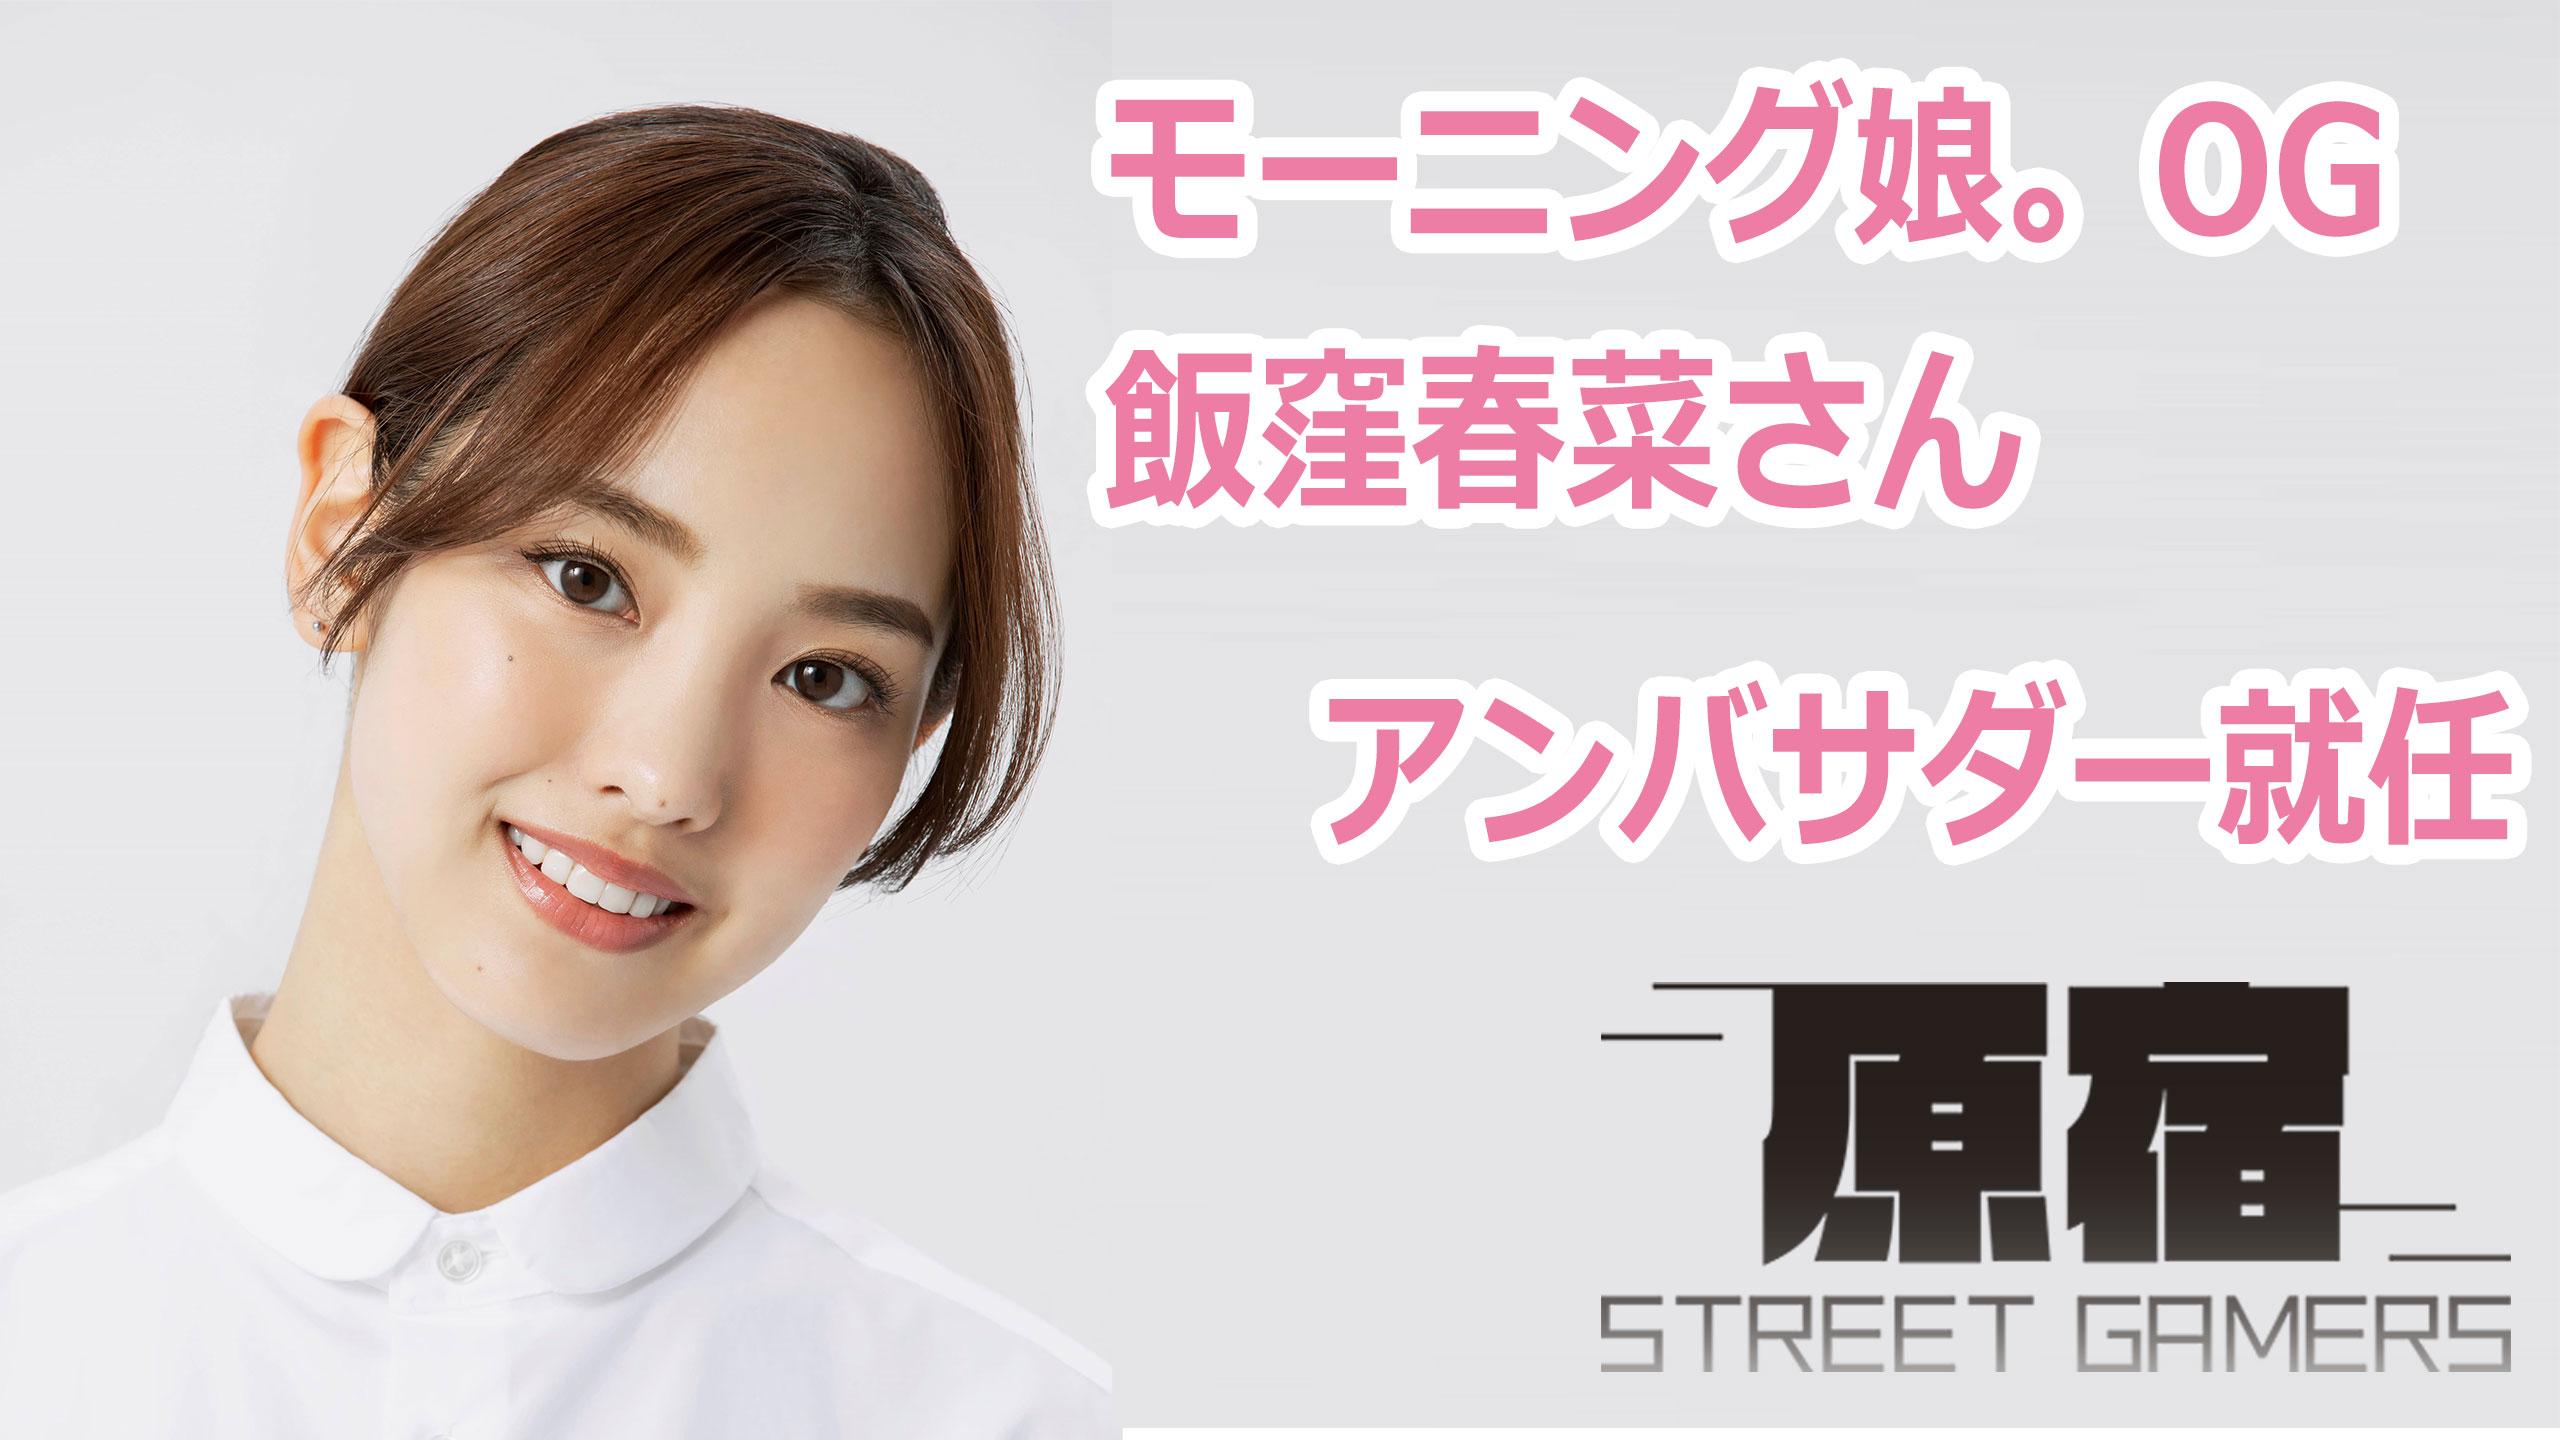 モーニング娘。元メンバー飯窪春菜さんアンバサダー就任!!